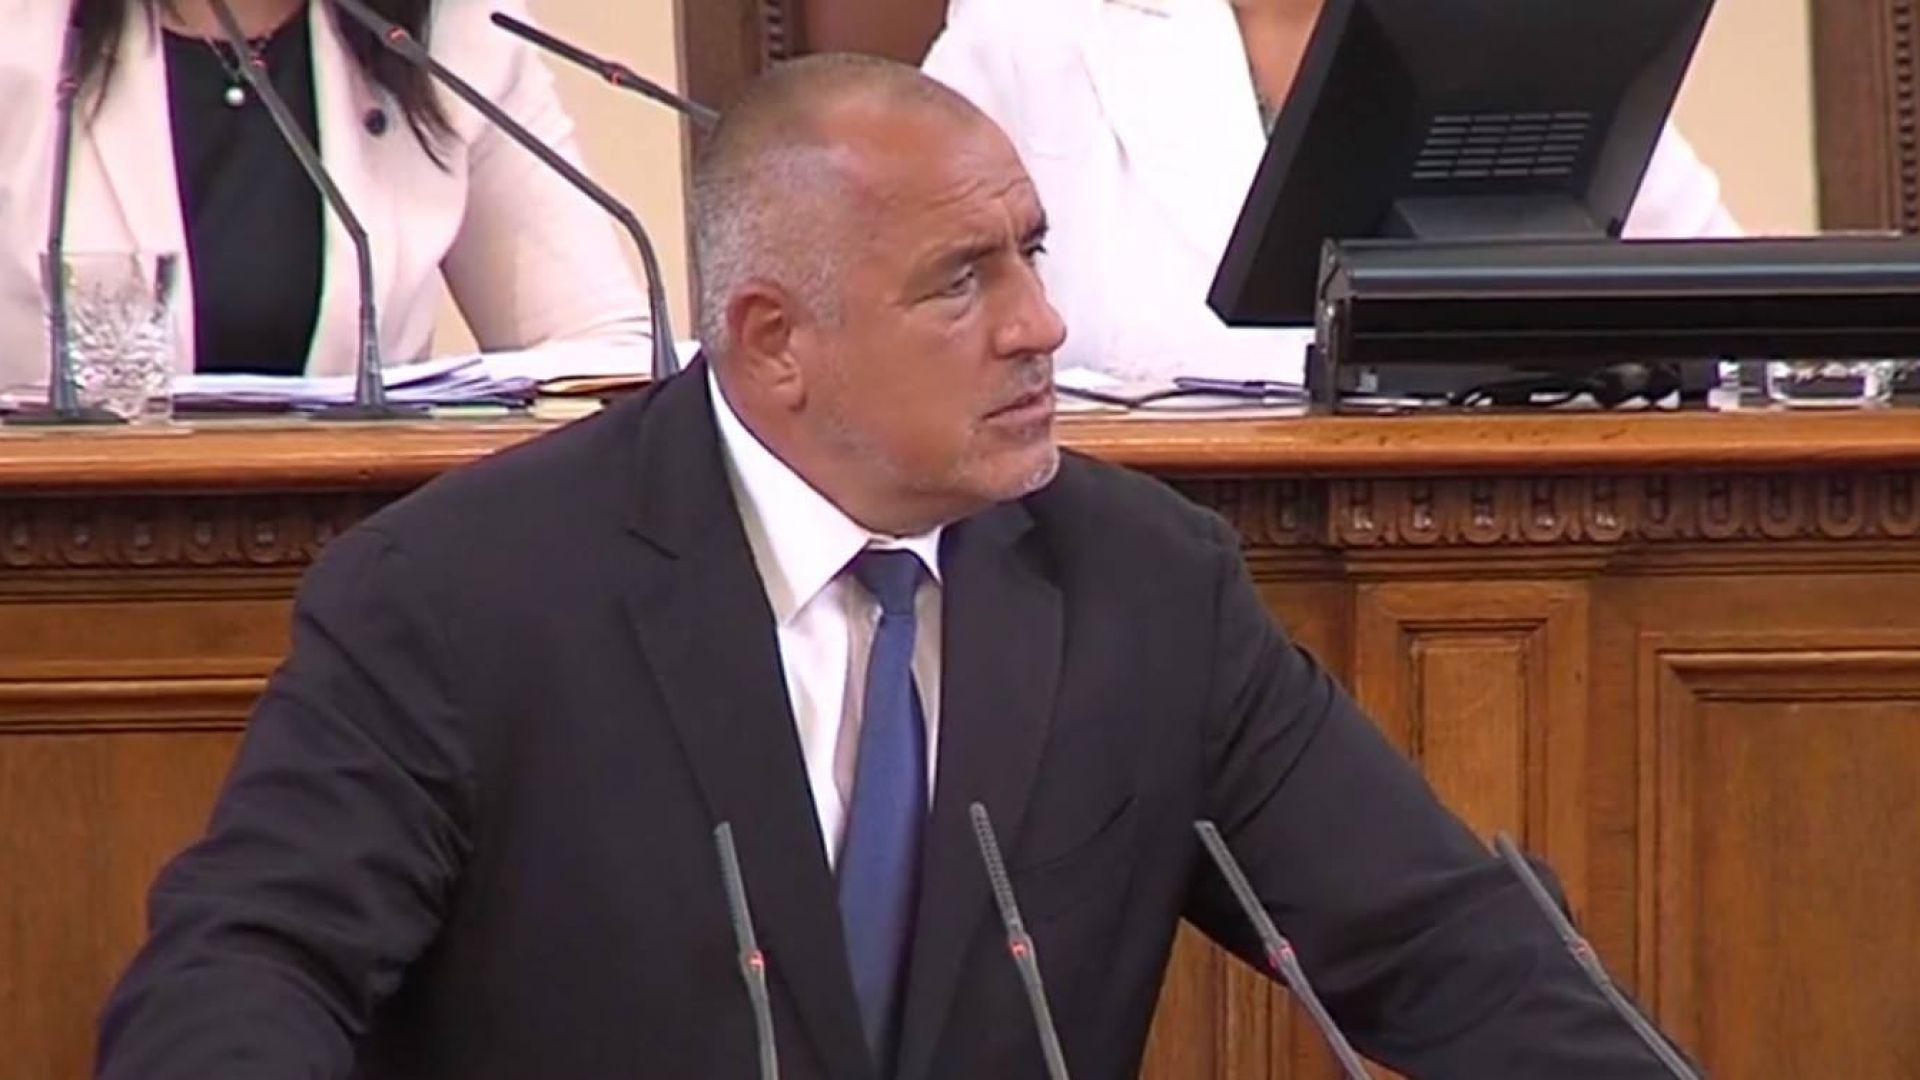 Борисов: Всички искаме да помогнем на ощетените, експертите да кажат как